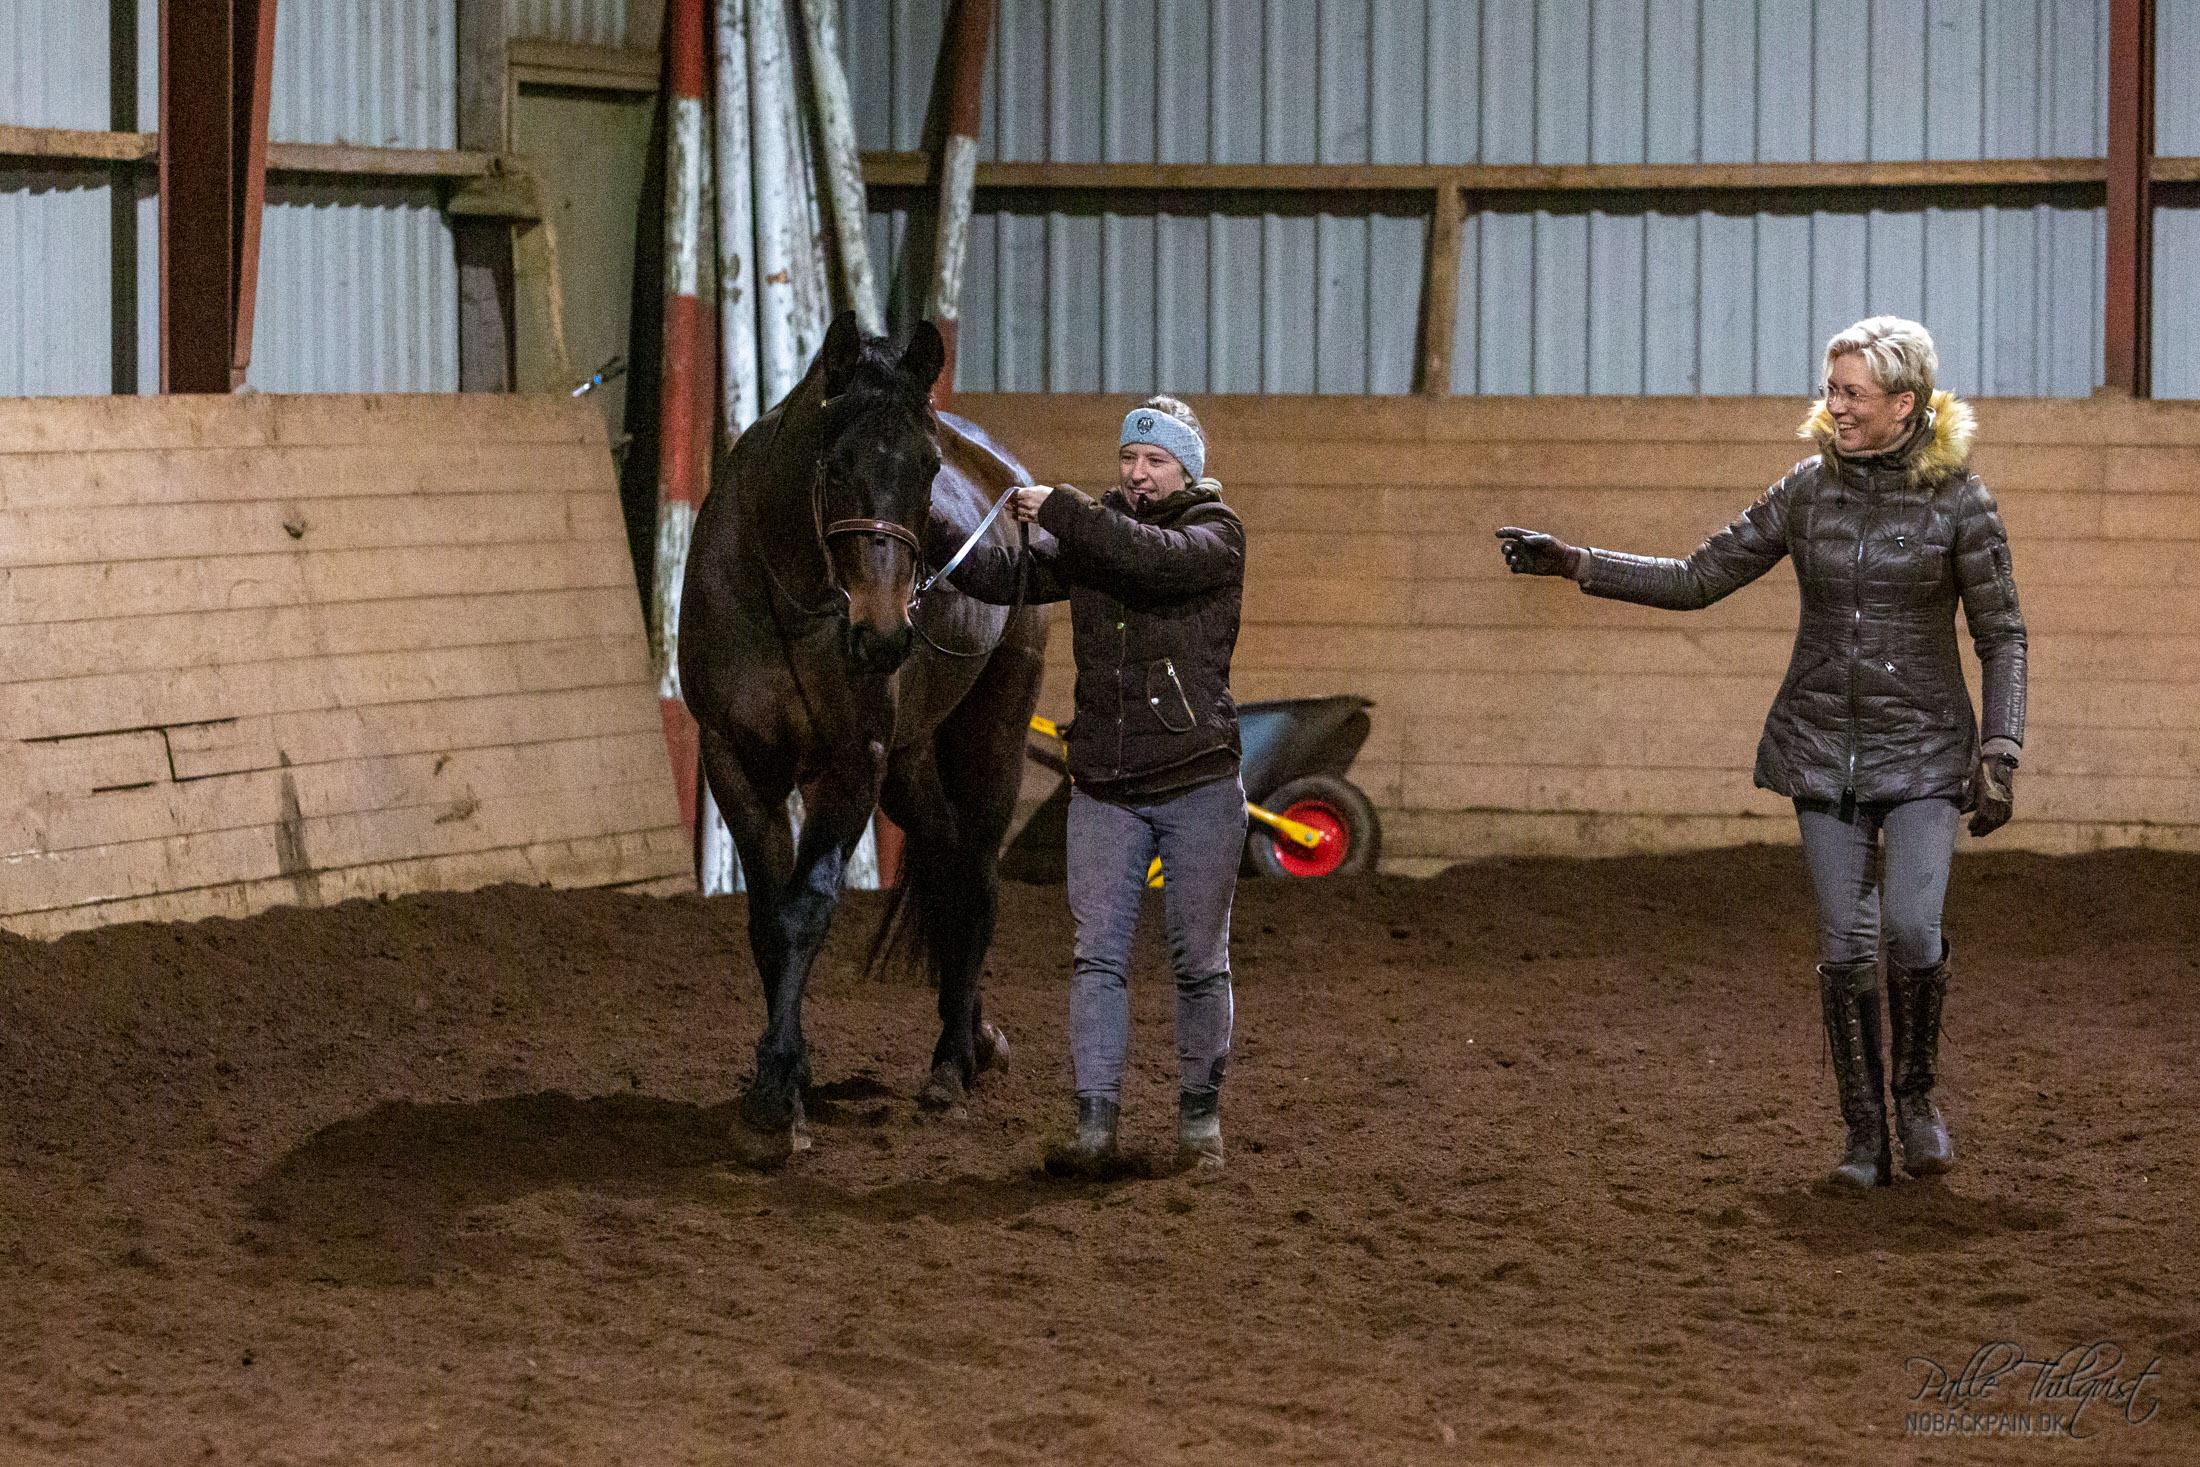 Hvis man har det sjovt når man træner, så smitter det oftest positivt af på hesten